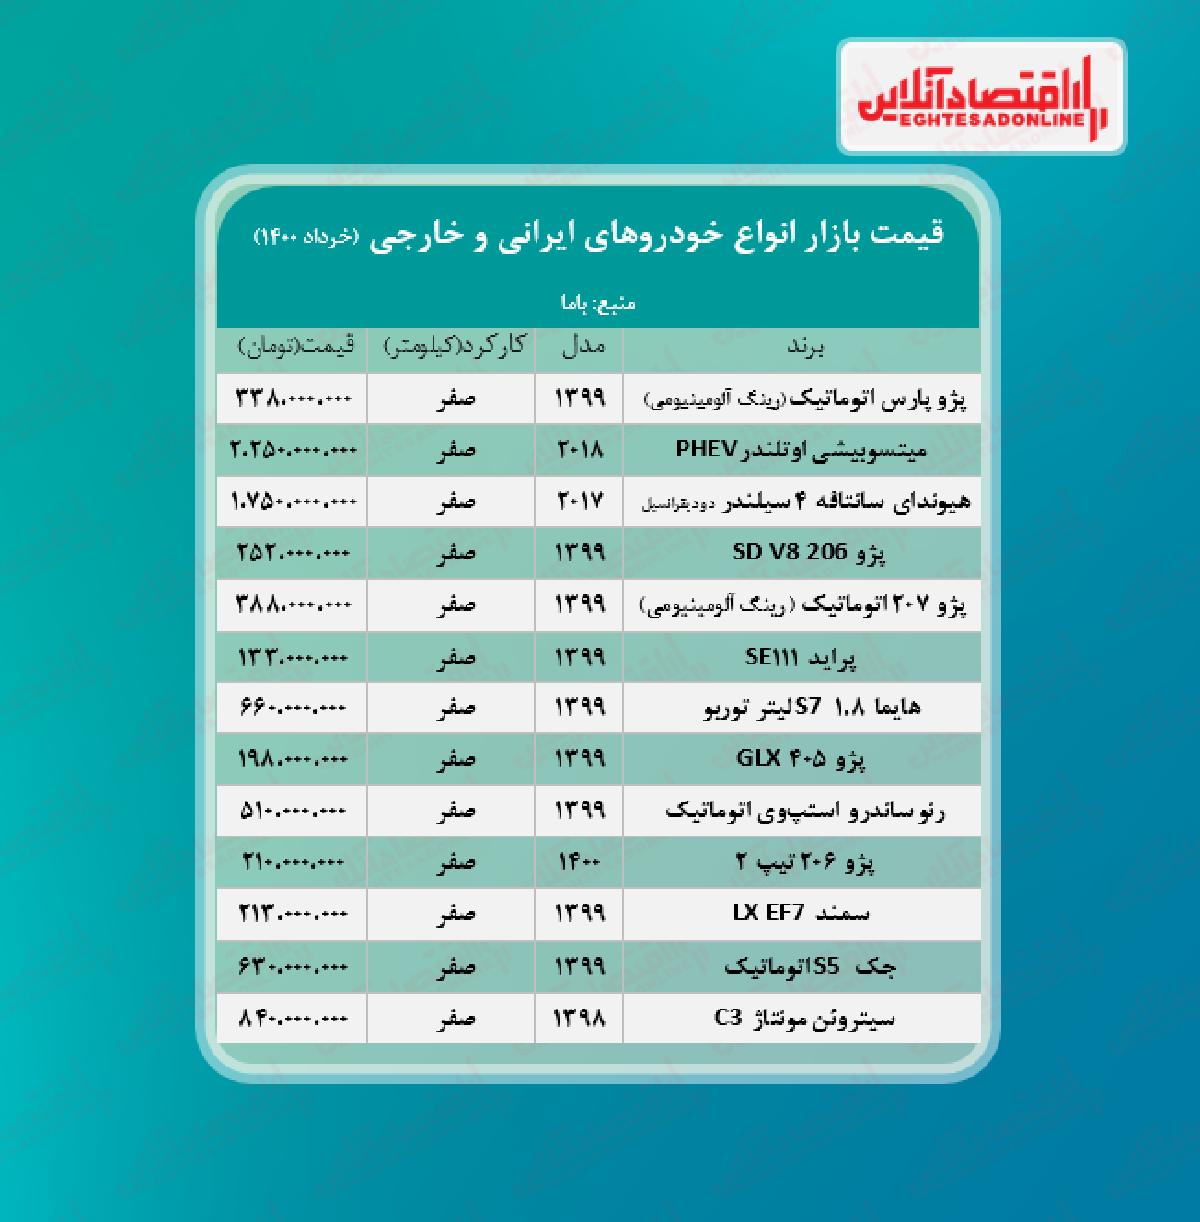 قیمت+خودروهای+ایرانی+و+خارجی